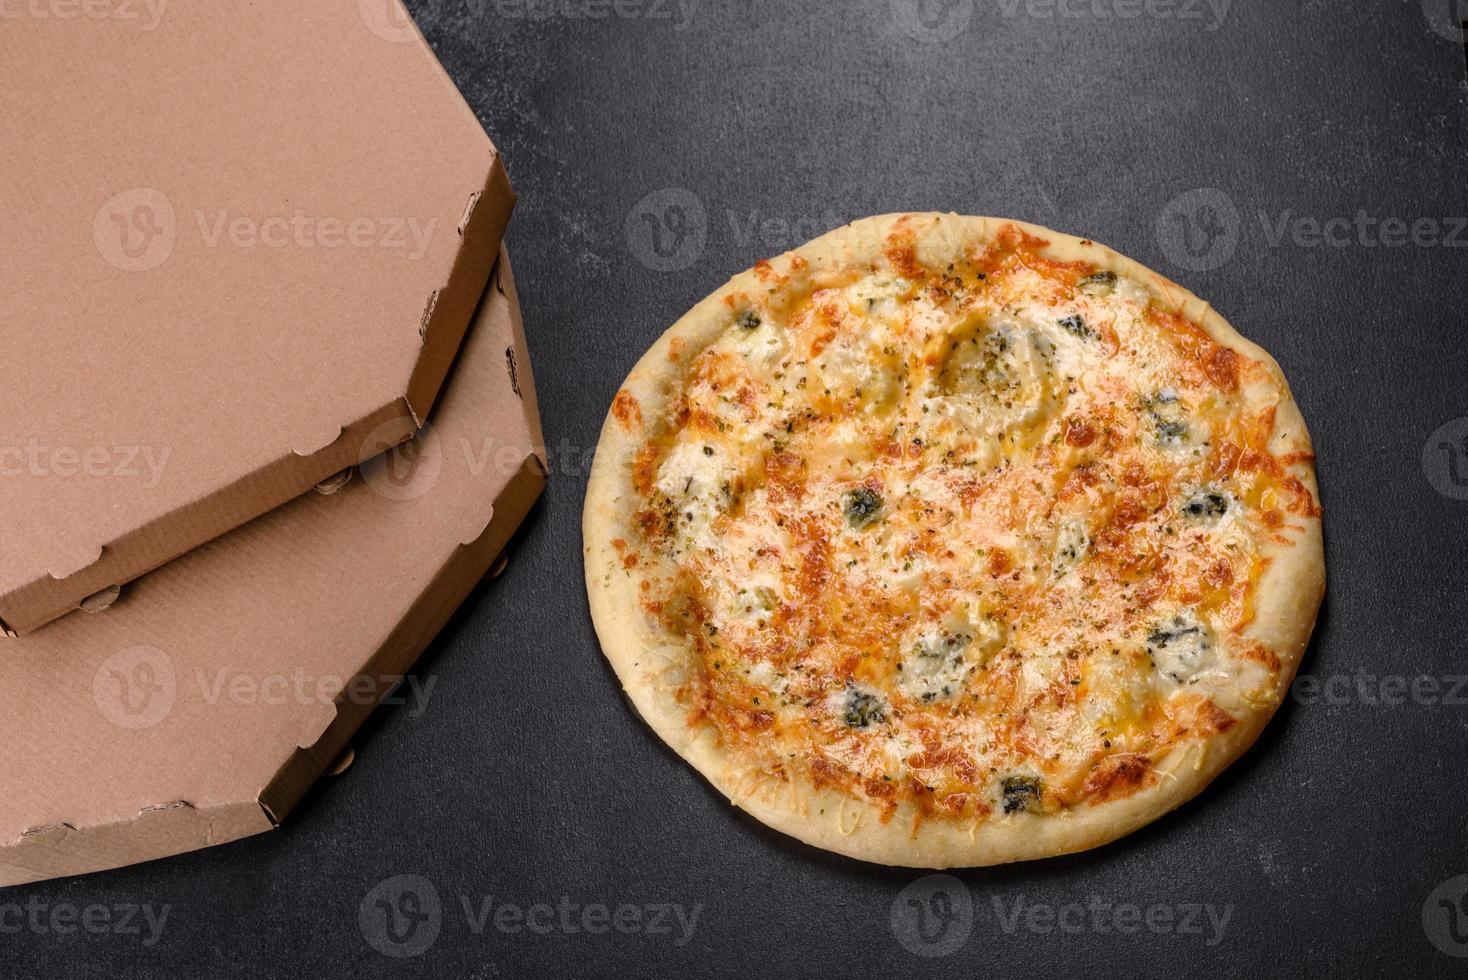 Sabrosa pizza fresca al horno con tomates, queso y champiñones sobre un fondo de hormigón oscuro foto